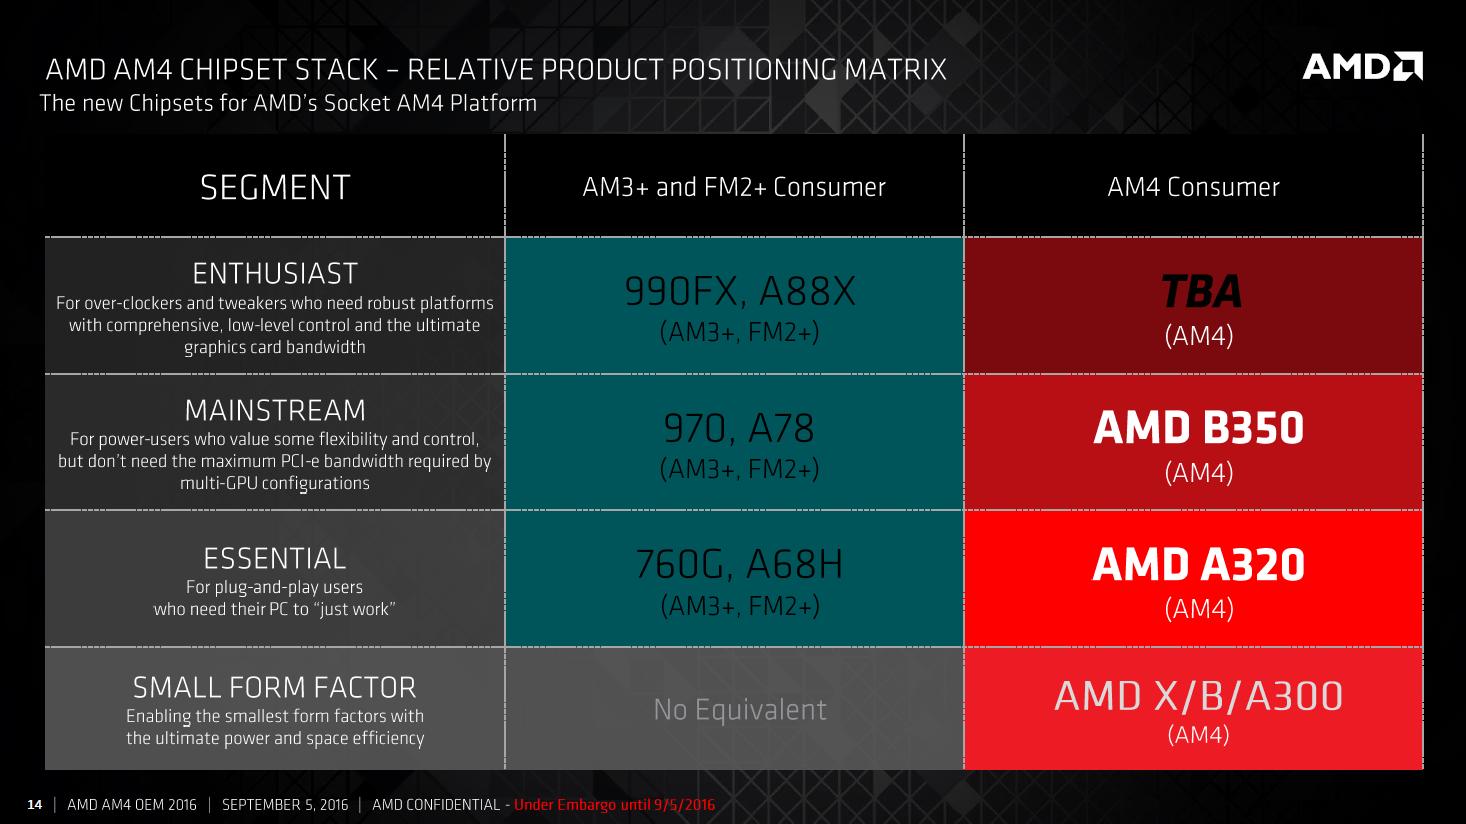 A legkisebb, SFF (Small Form Factor), tehát egészen kisméretű gépekbe szánt  X/B/A300 jelölésű megoldásról egyelőre nem sokat árult el az AMD.